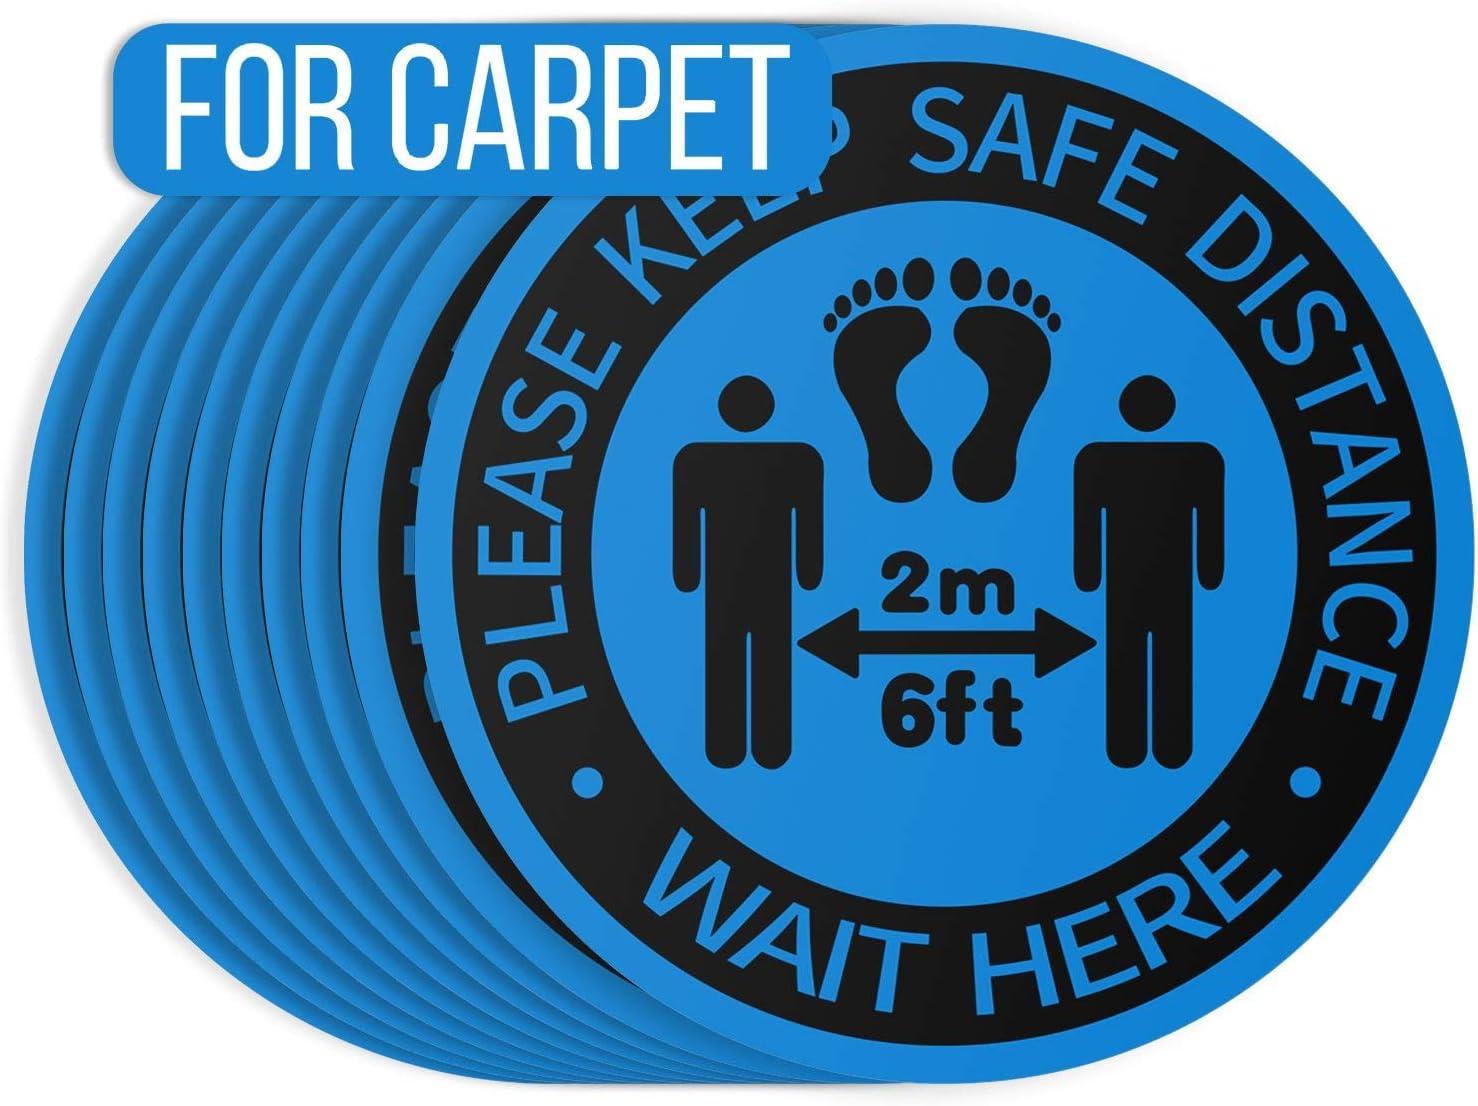 Social Distancing Floor Decals for Carpet 12